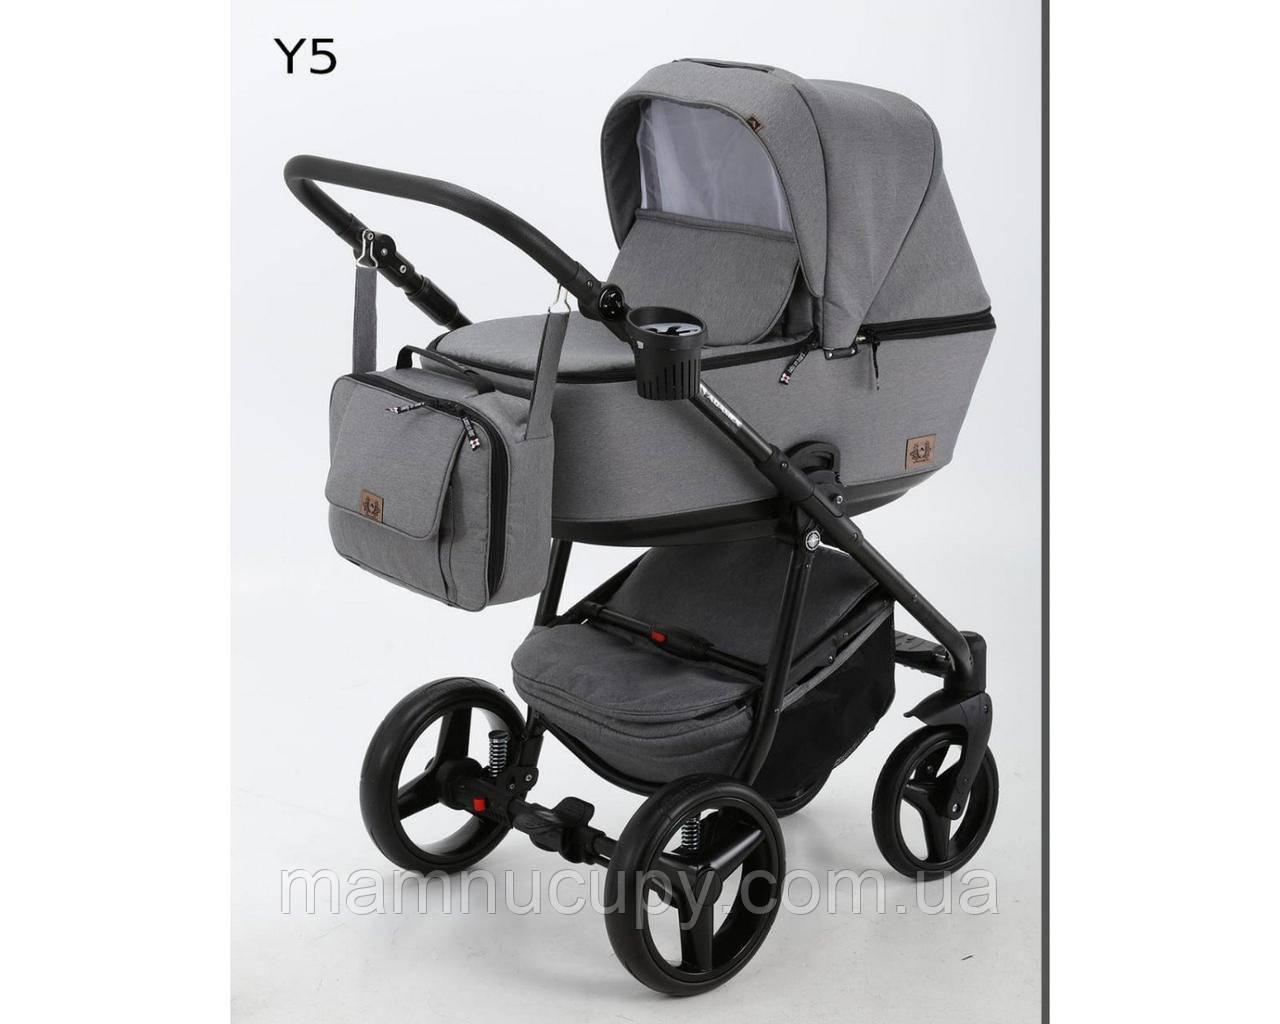 Универсальная коляска 2 в 1 Adamex Reggio Y5